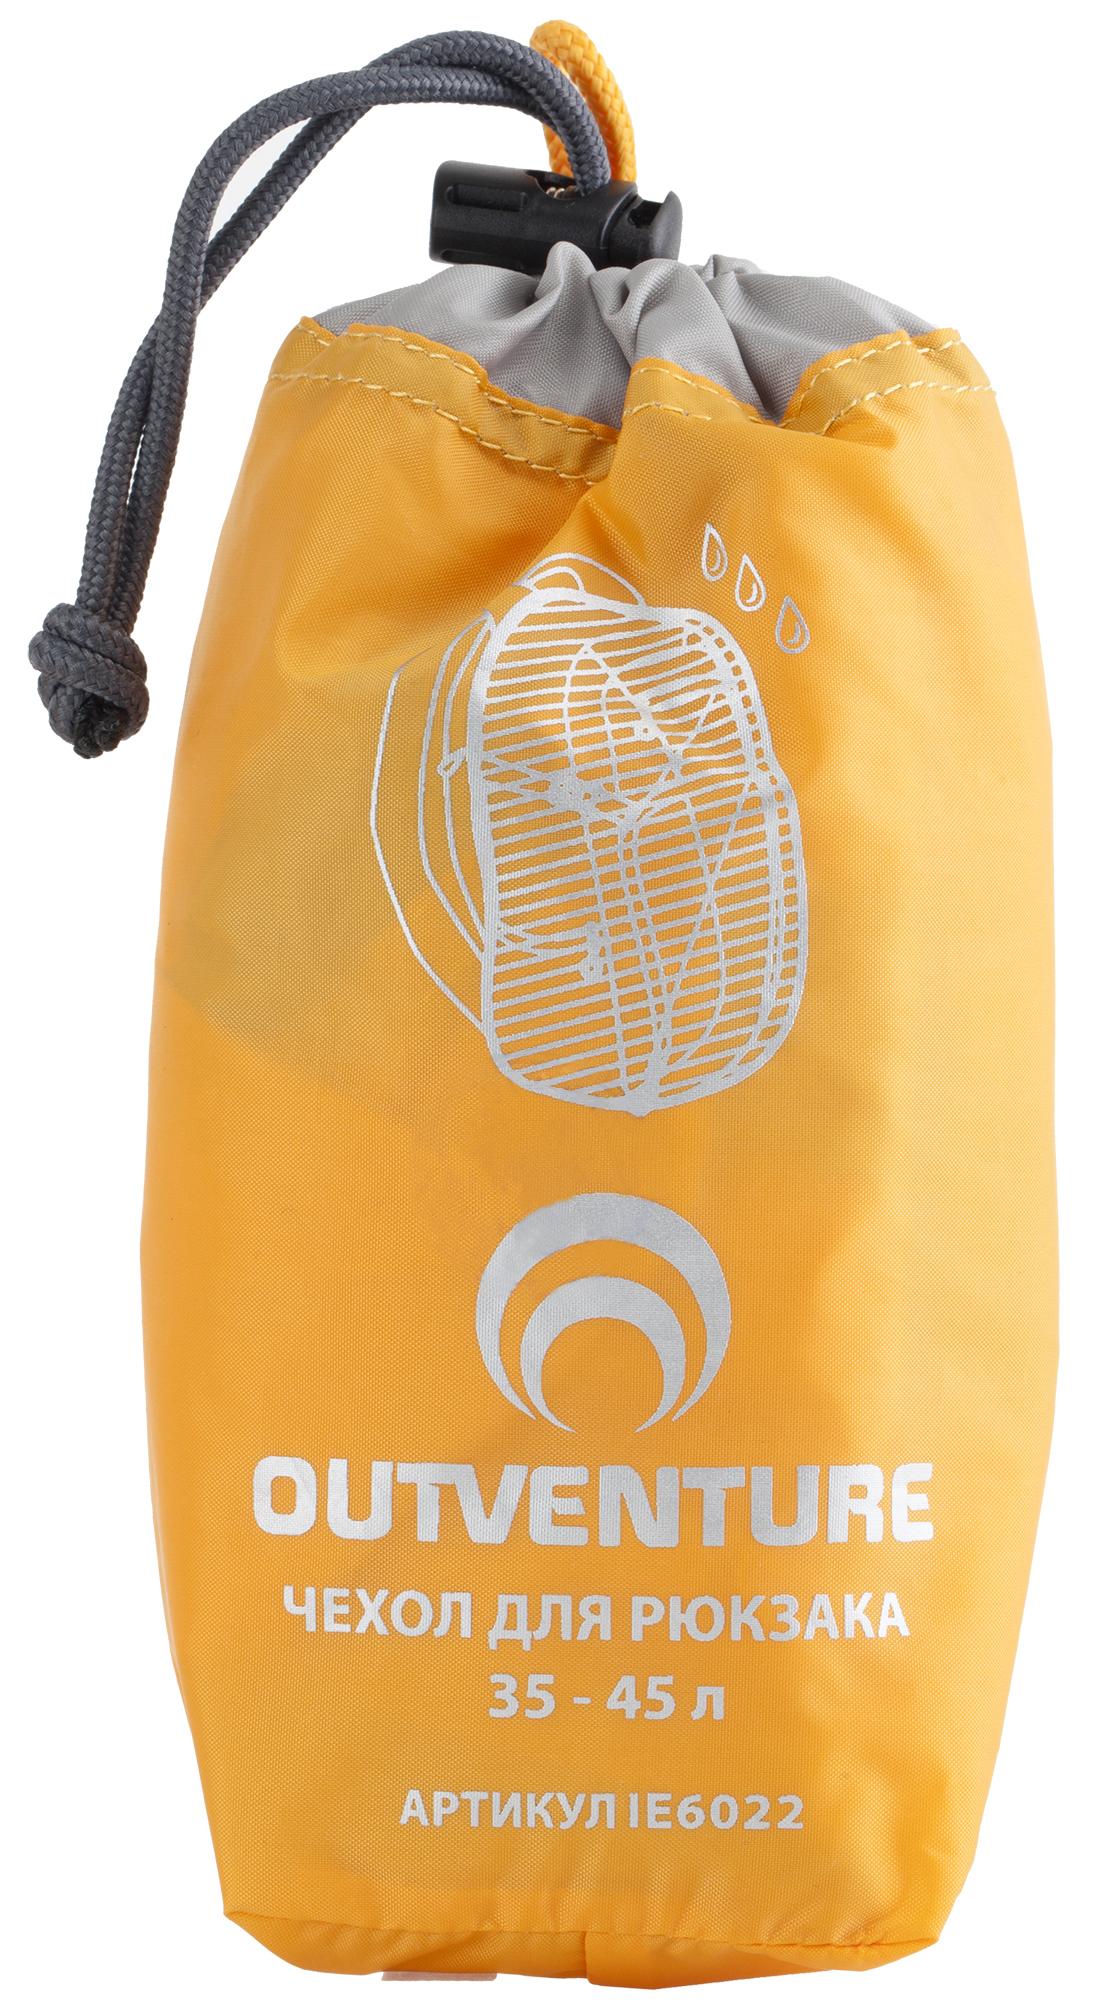 Outventure Накидка на рюкзак Outventure, 35-45 л